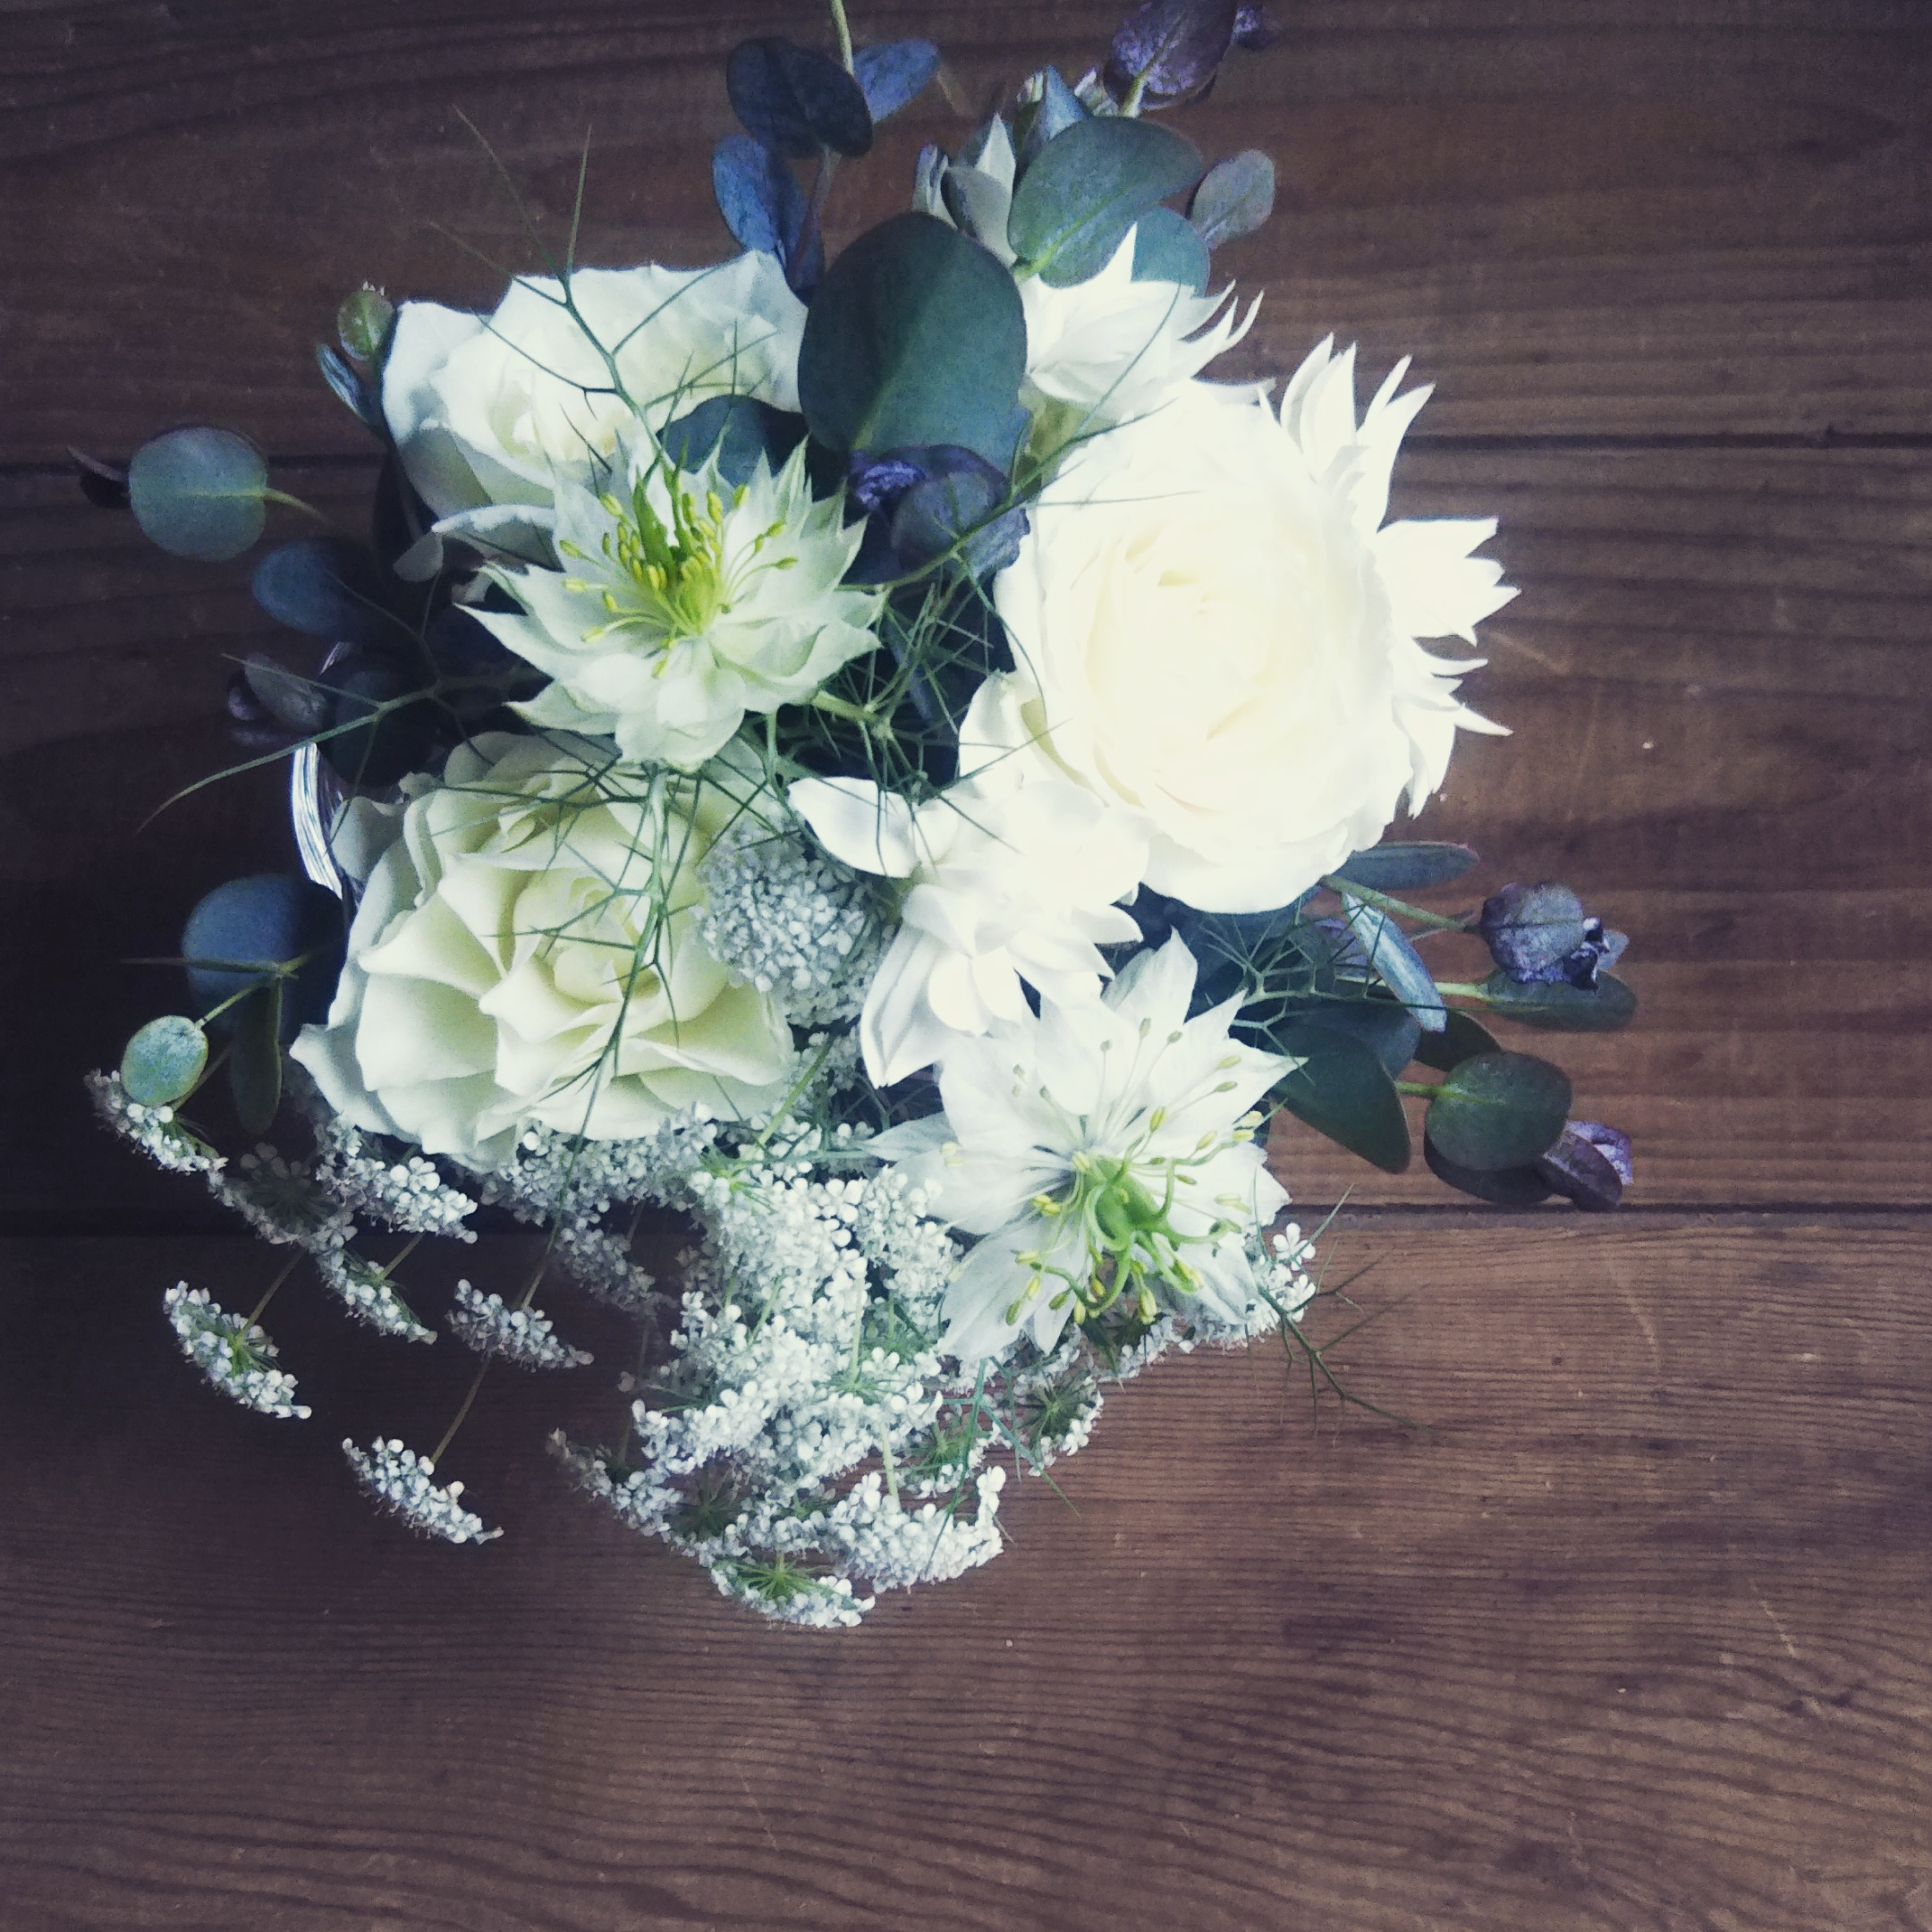 写真は、グラスブーケ。  当日にお作りさせていただいた花束の写真が手元にないので・・・。  そういえば、つゆのお客さまはニゲラ好きの方が多かったです。  私も好きなお花なので、嬉しい。